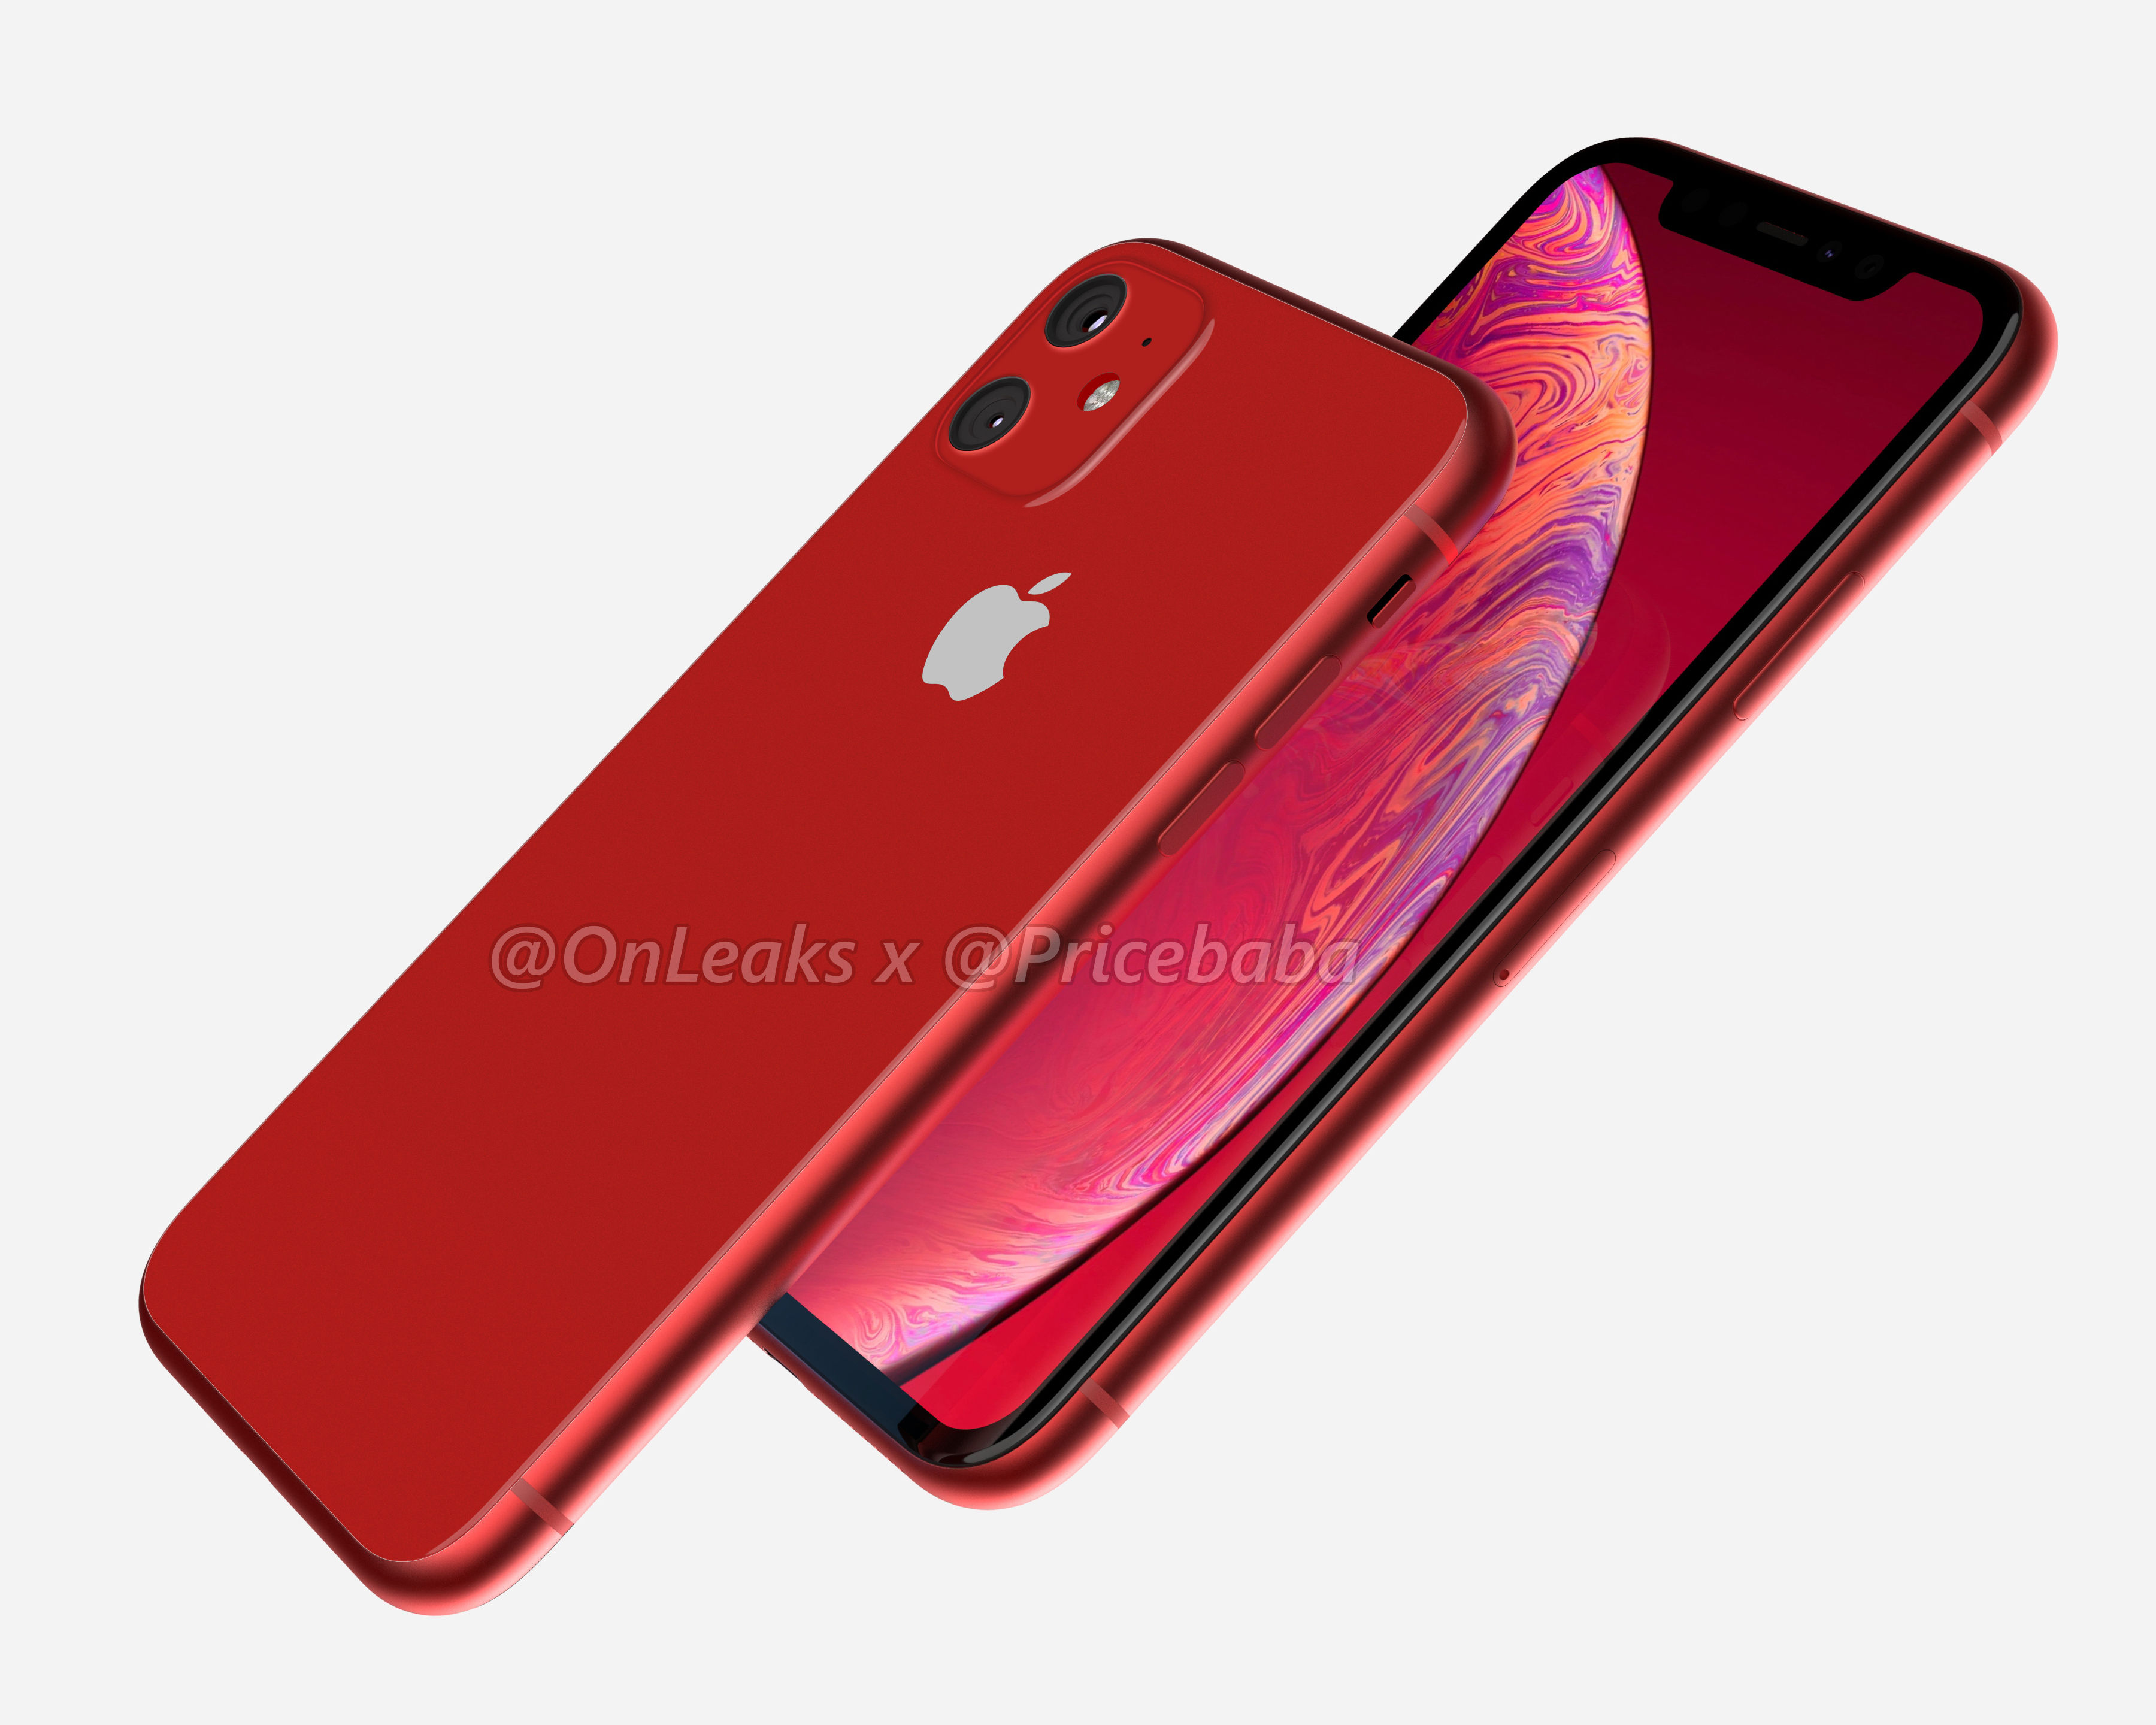 Nuovi render suggeriscono un iPhone XR 2019 con doppia fotocamera posteriore 2